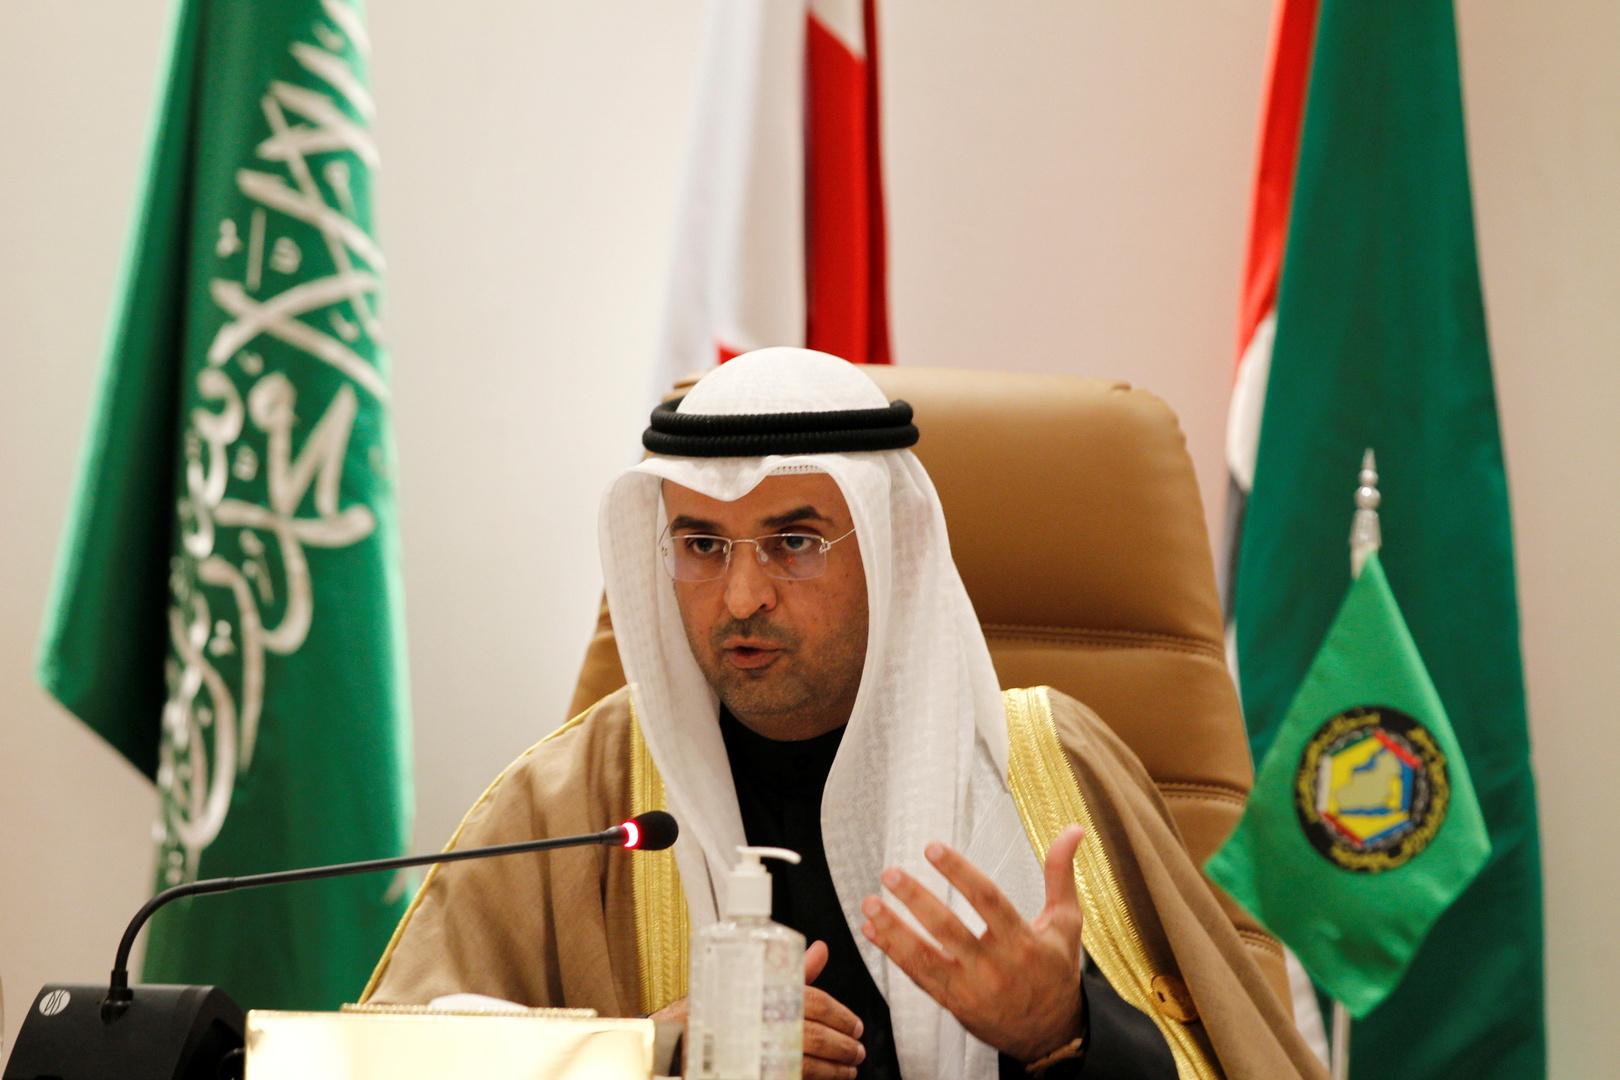 الأمين العام لمجلس التعاون لدول الخليج، نايف فلاح مبارك الحجرف